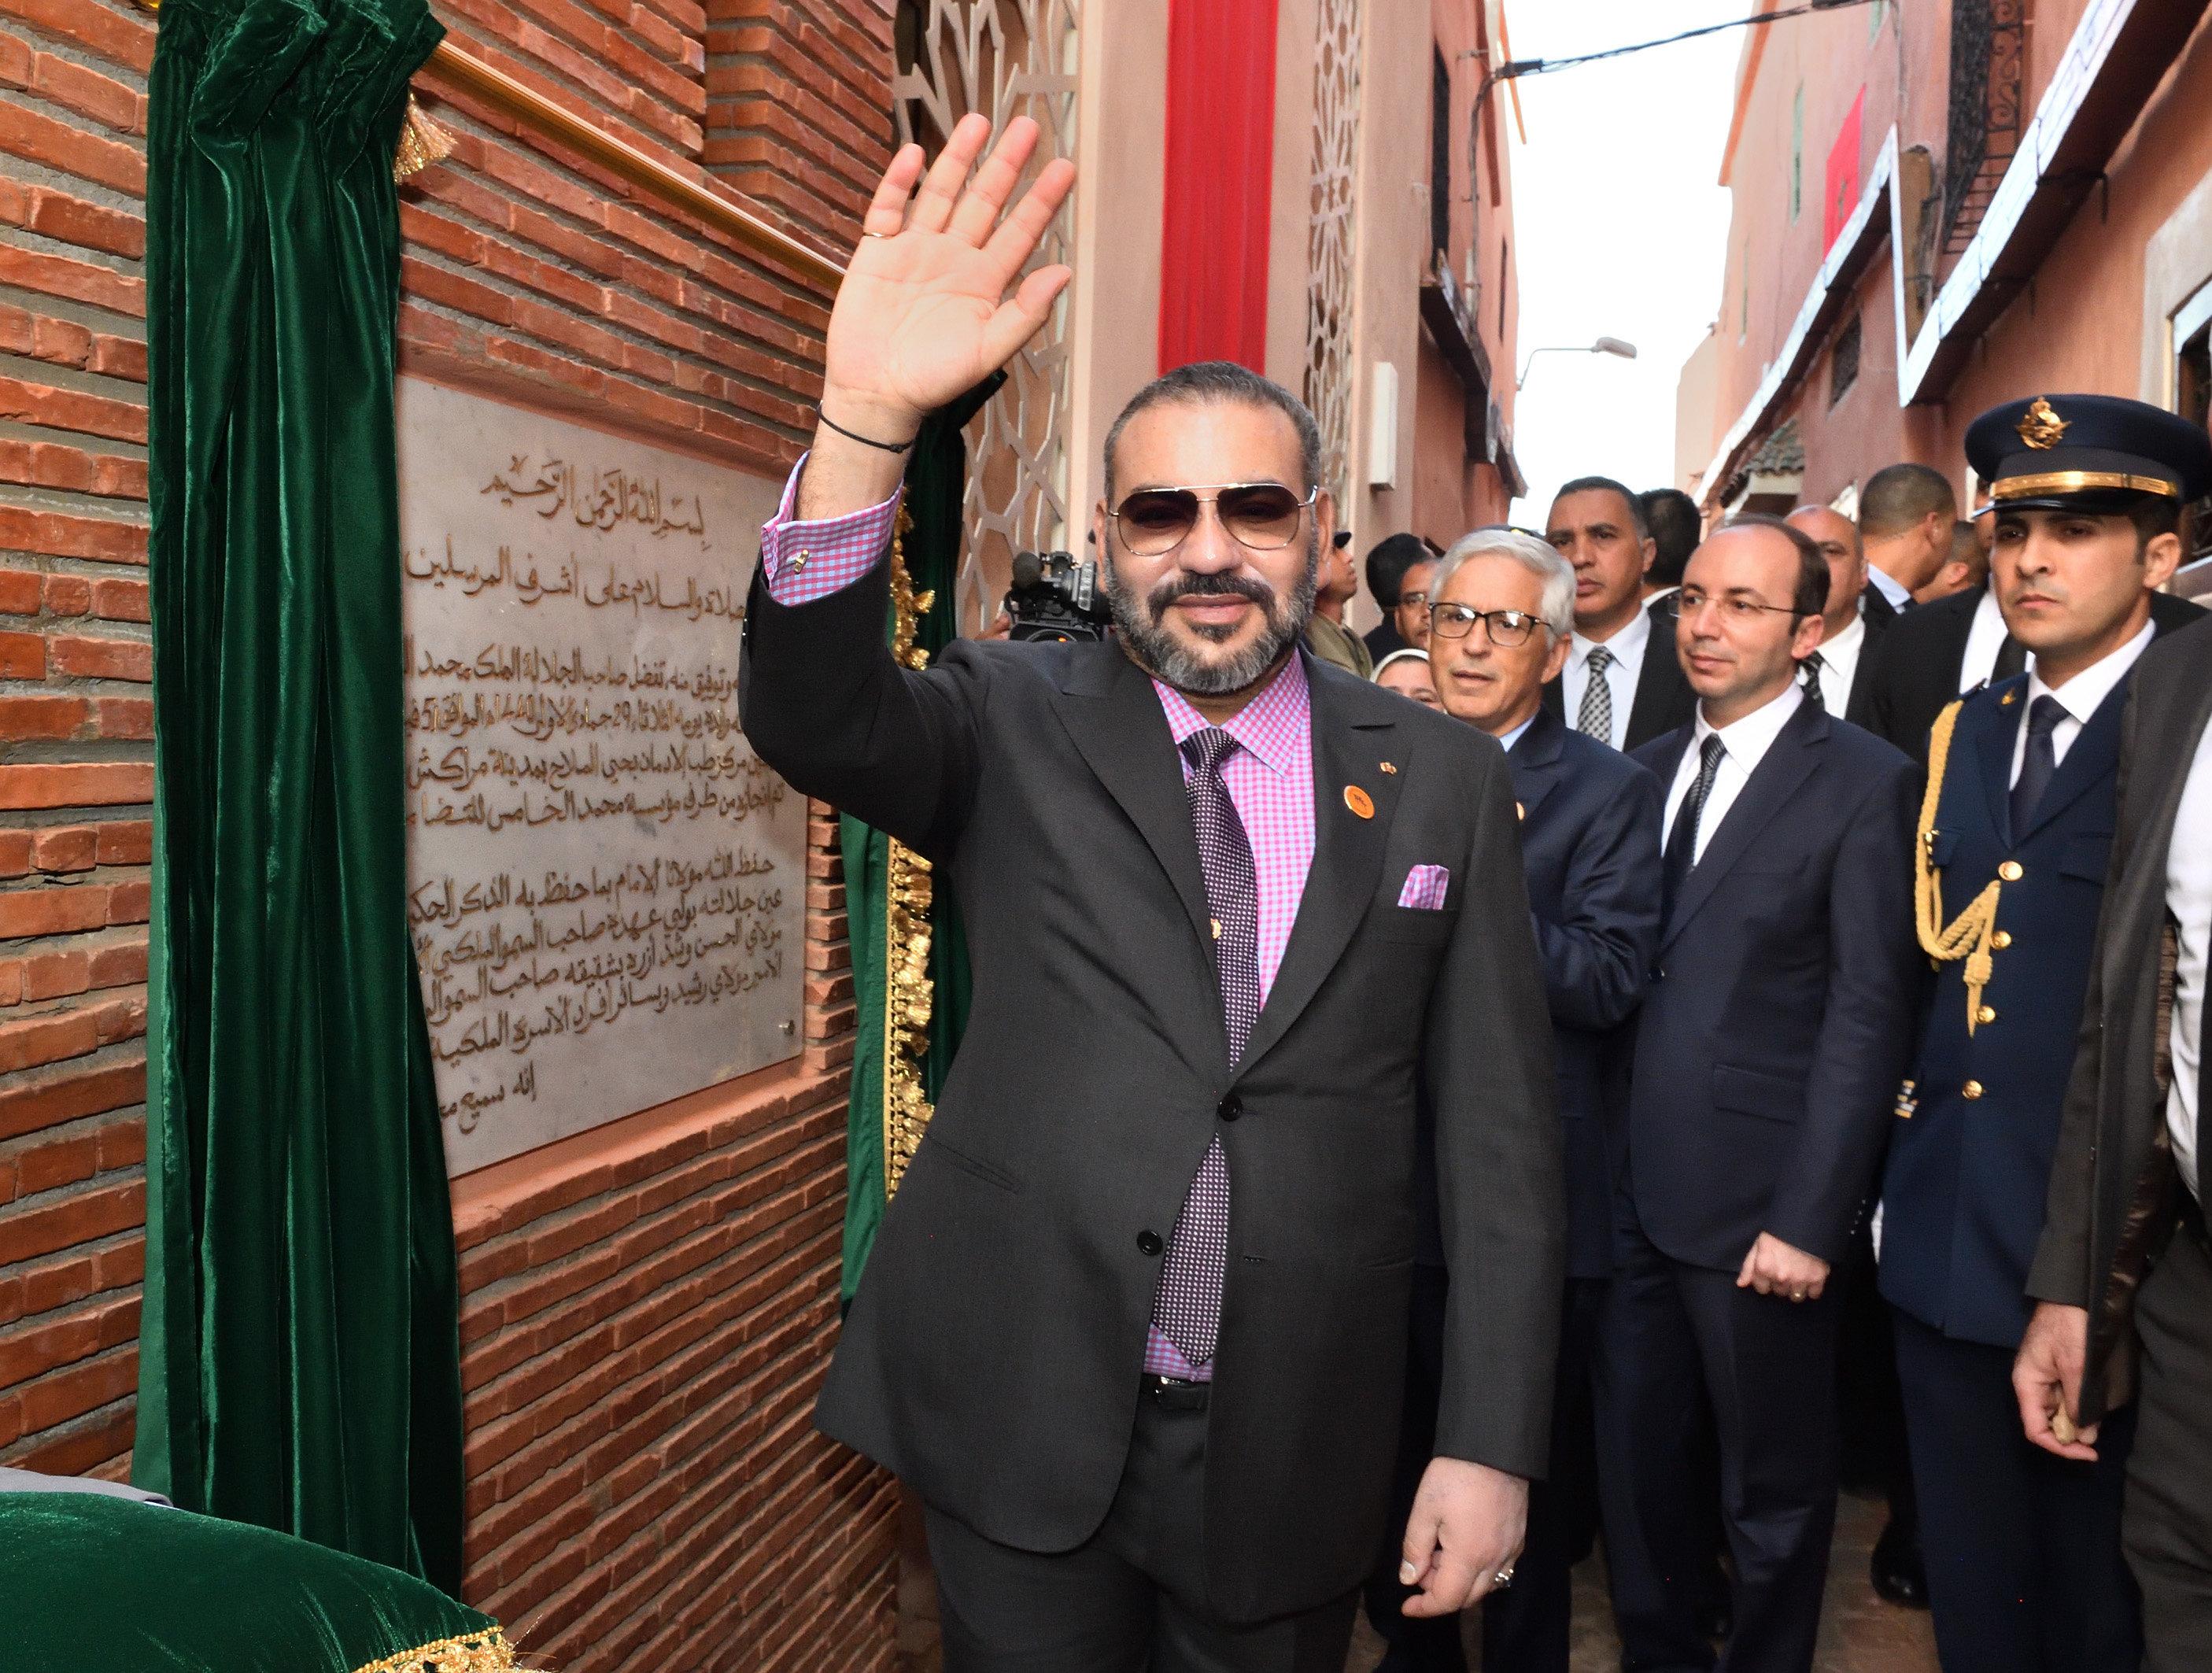 Le roi inaugure deux centres de santé dans la médina de